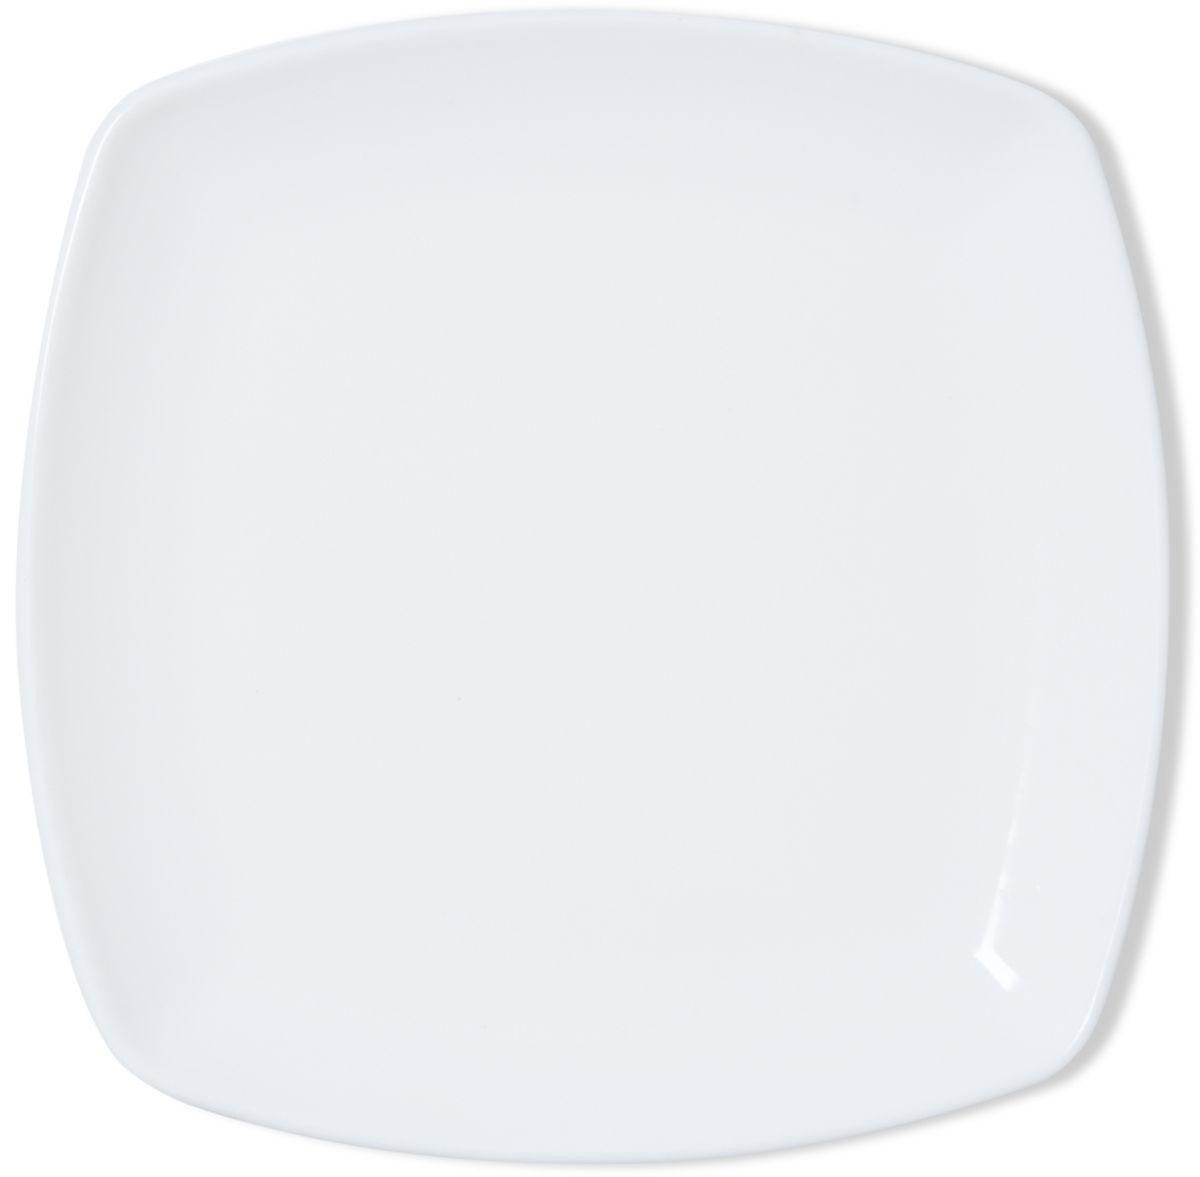 Тарелка десертная Dosh l Home ADARA, квадратная, 20 см400201Элегантные тарелки для стильной сервировки блюд и закусок. Изготовлены из высококачественного силикона белоснежного цвета. Силикон не впитывает запах и вкус продуктов, устойчив к царапинам. Подходит для микроволновой печи, холодильника. Можно мыть в посудомоечной машине. Мыть обычными моющими средствами, не использовать агрессивные вещества, металлические мочалки, острые предметы и т.д..